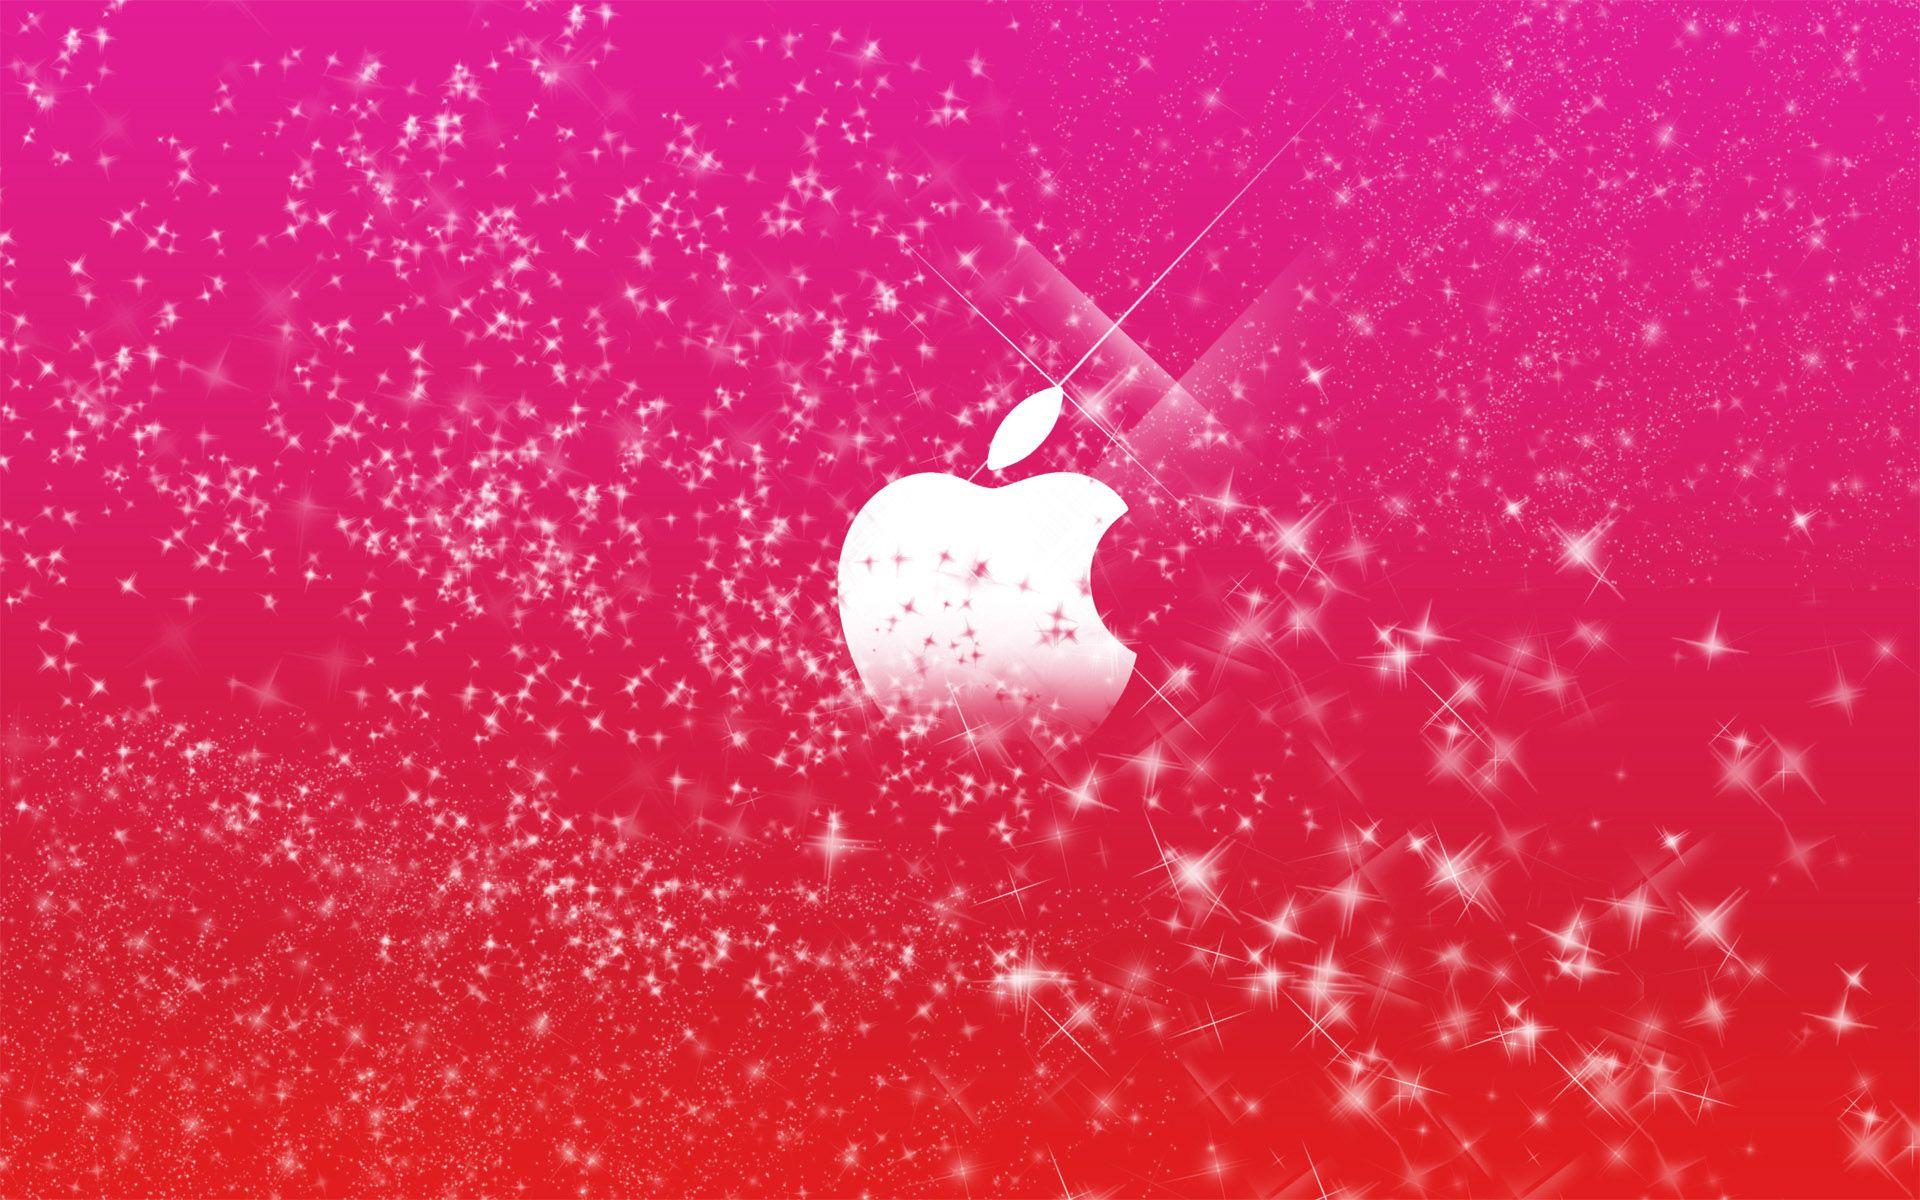 Apple Logo In Pink Glitters Wallpapers Hd Wallpapers Pink Sparkle Wallpaper Pink Glitter Wallpaper Sparkle Wallpaper